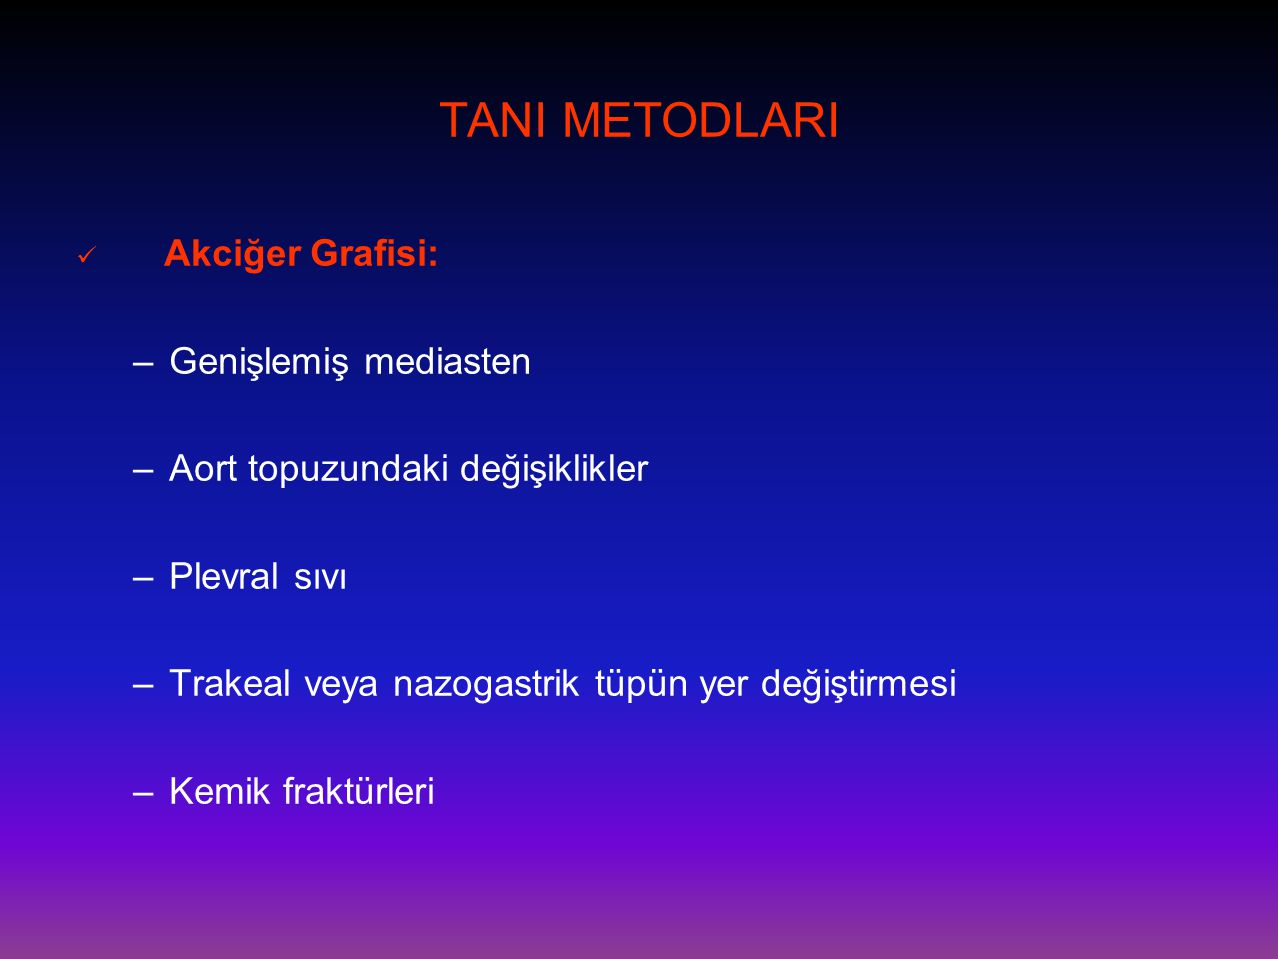 TANI METODLARI  Akciğer Grafisi: –Genişlemiş mediasten –Aort topuzundaki değişiklikler –Plevral sıvı –Trakeal veya nazogastrik tüpün yer değiştirmesi